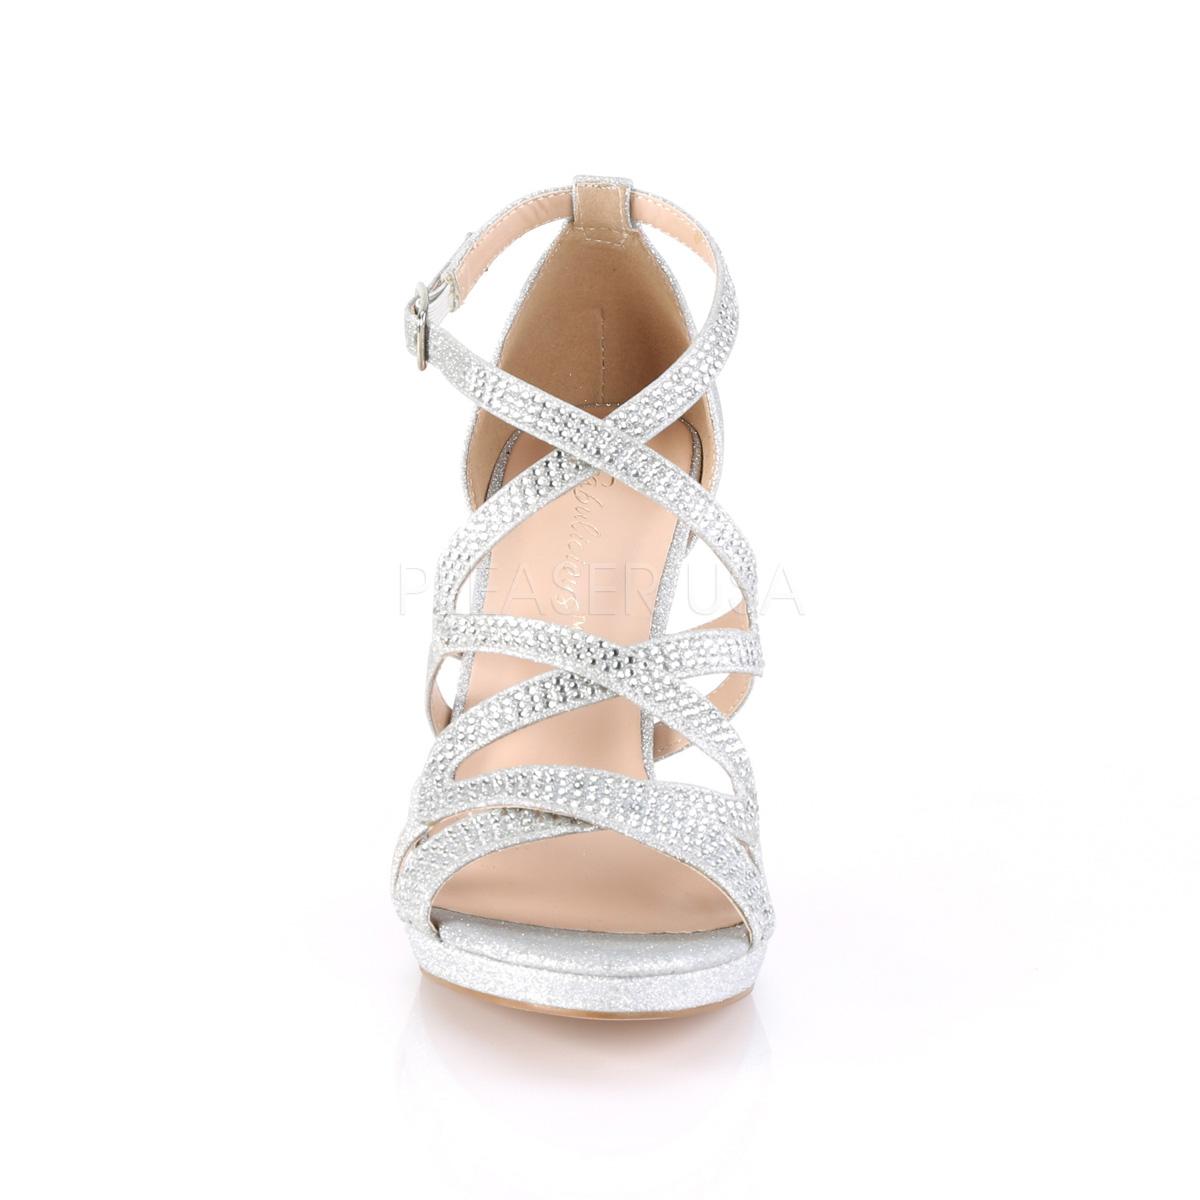 Cm 9 Stiletto Sandaletten Mit Daphne 42 Silber Absatz 5 UMpSzV